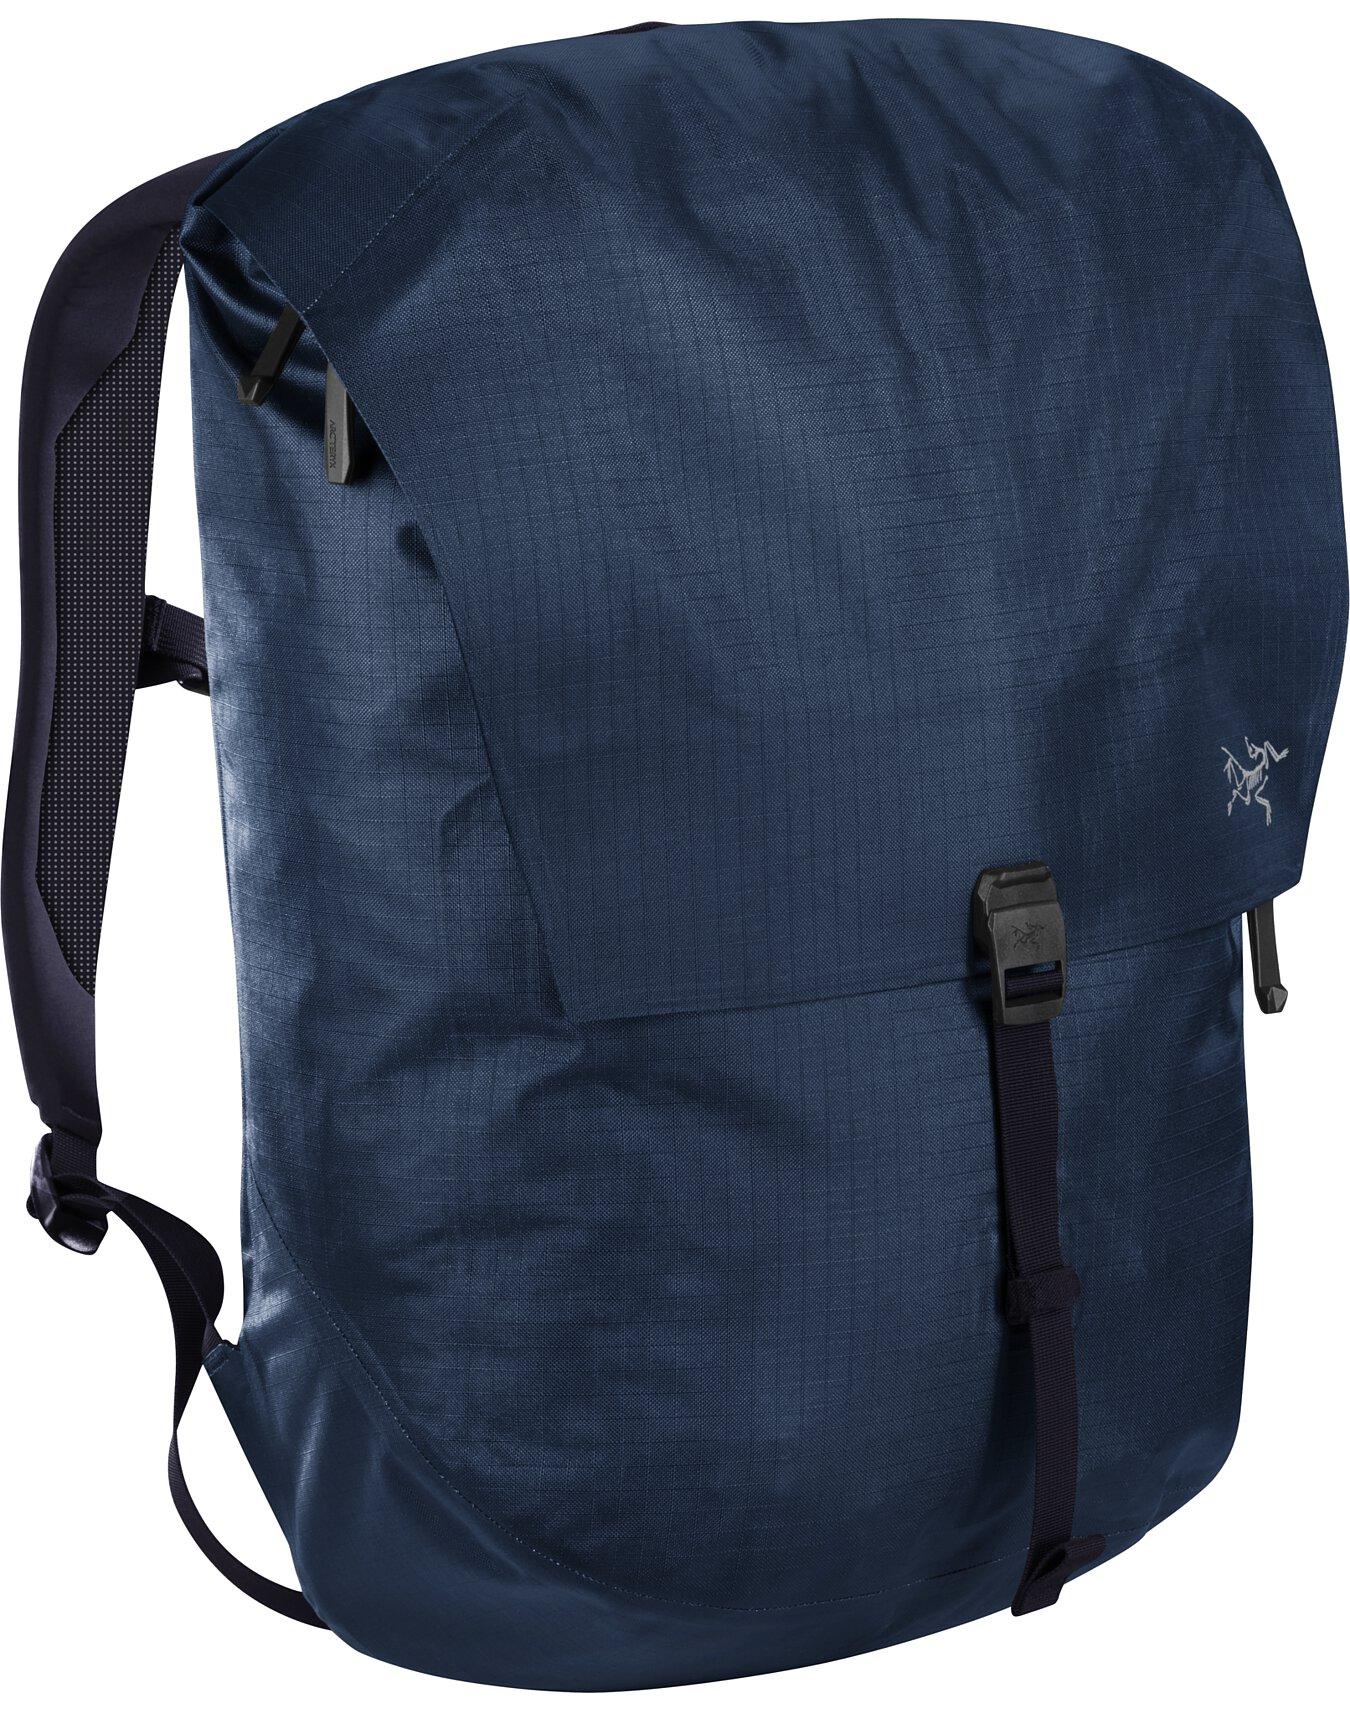 Granville 20 Backpack